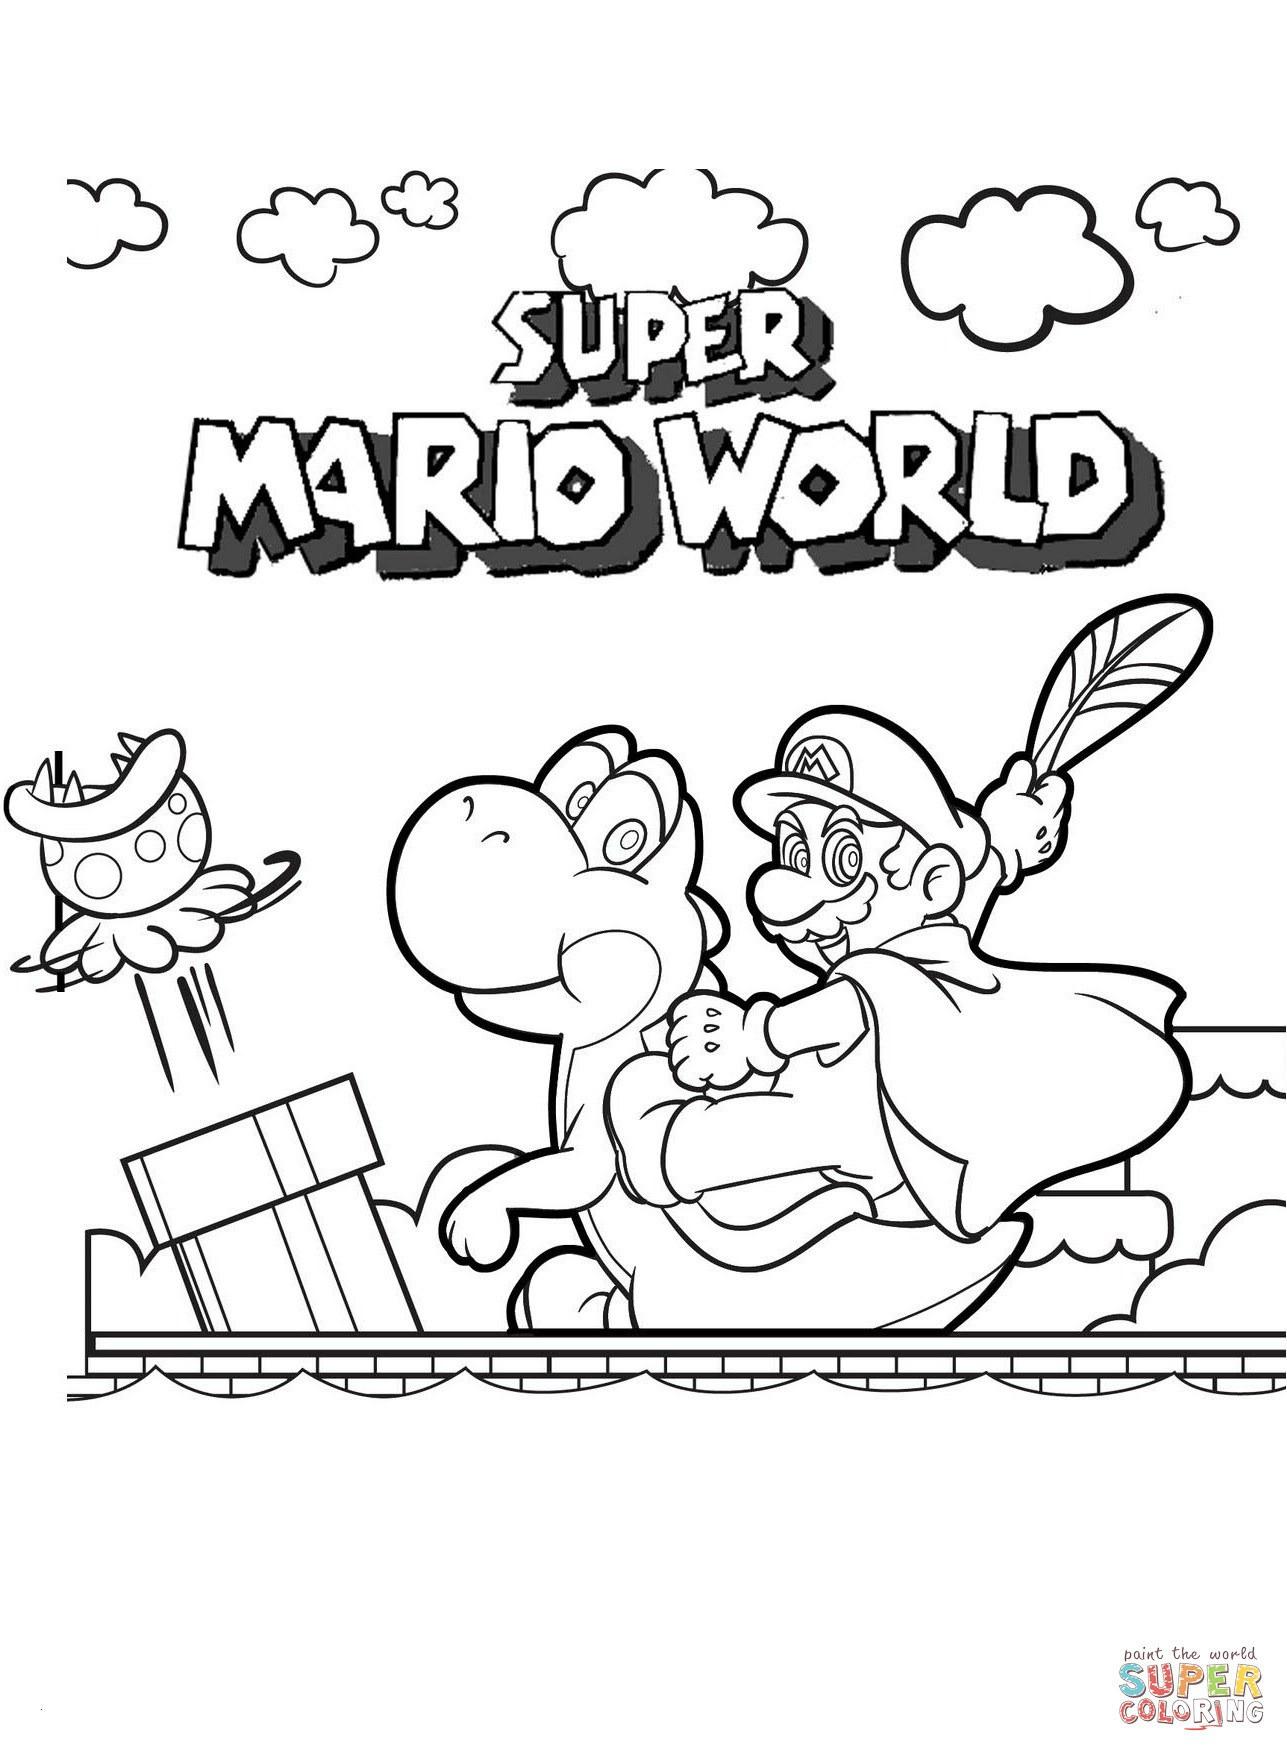 Mario Kart Ausmalbilder Inspirierend 37 Super Mario Kart Ausmalbilder Scoredatscore Inspirierend Super Galerie